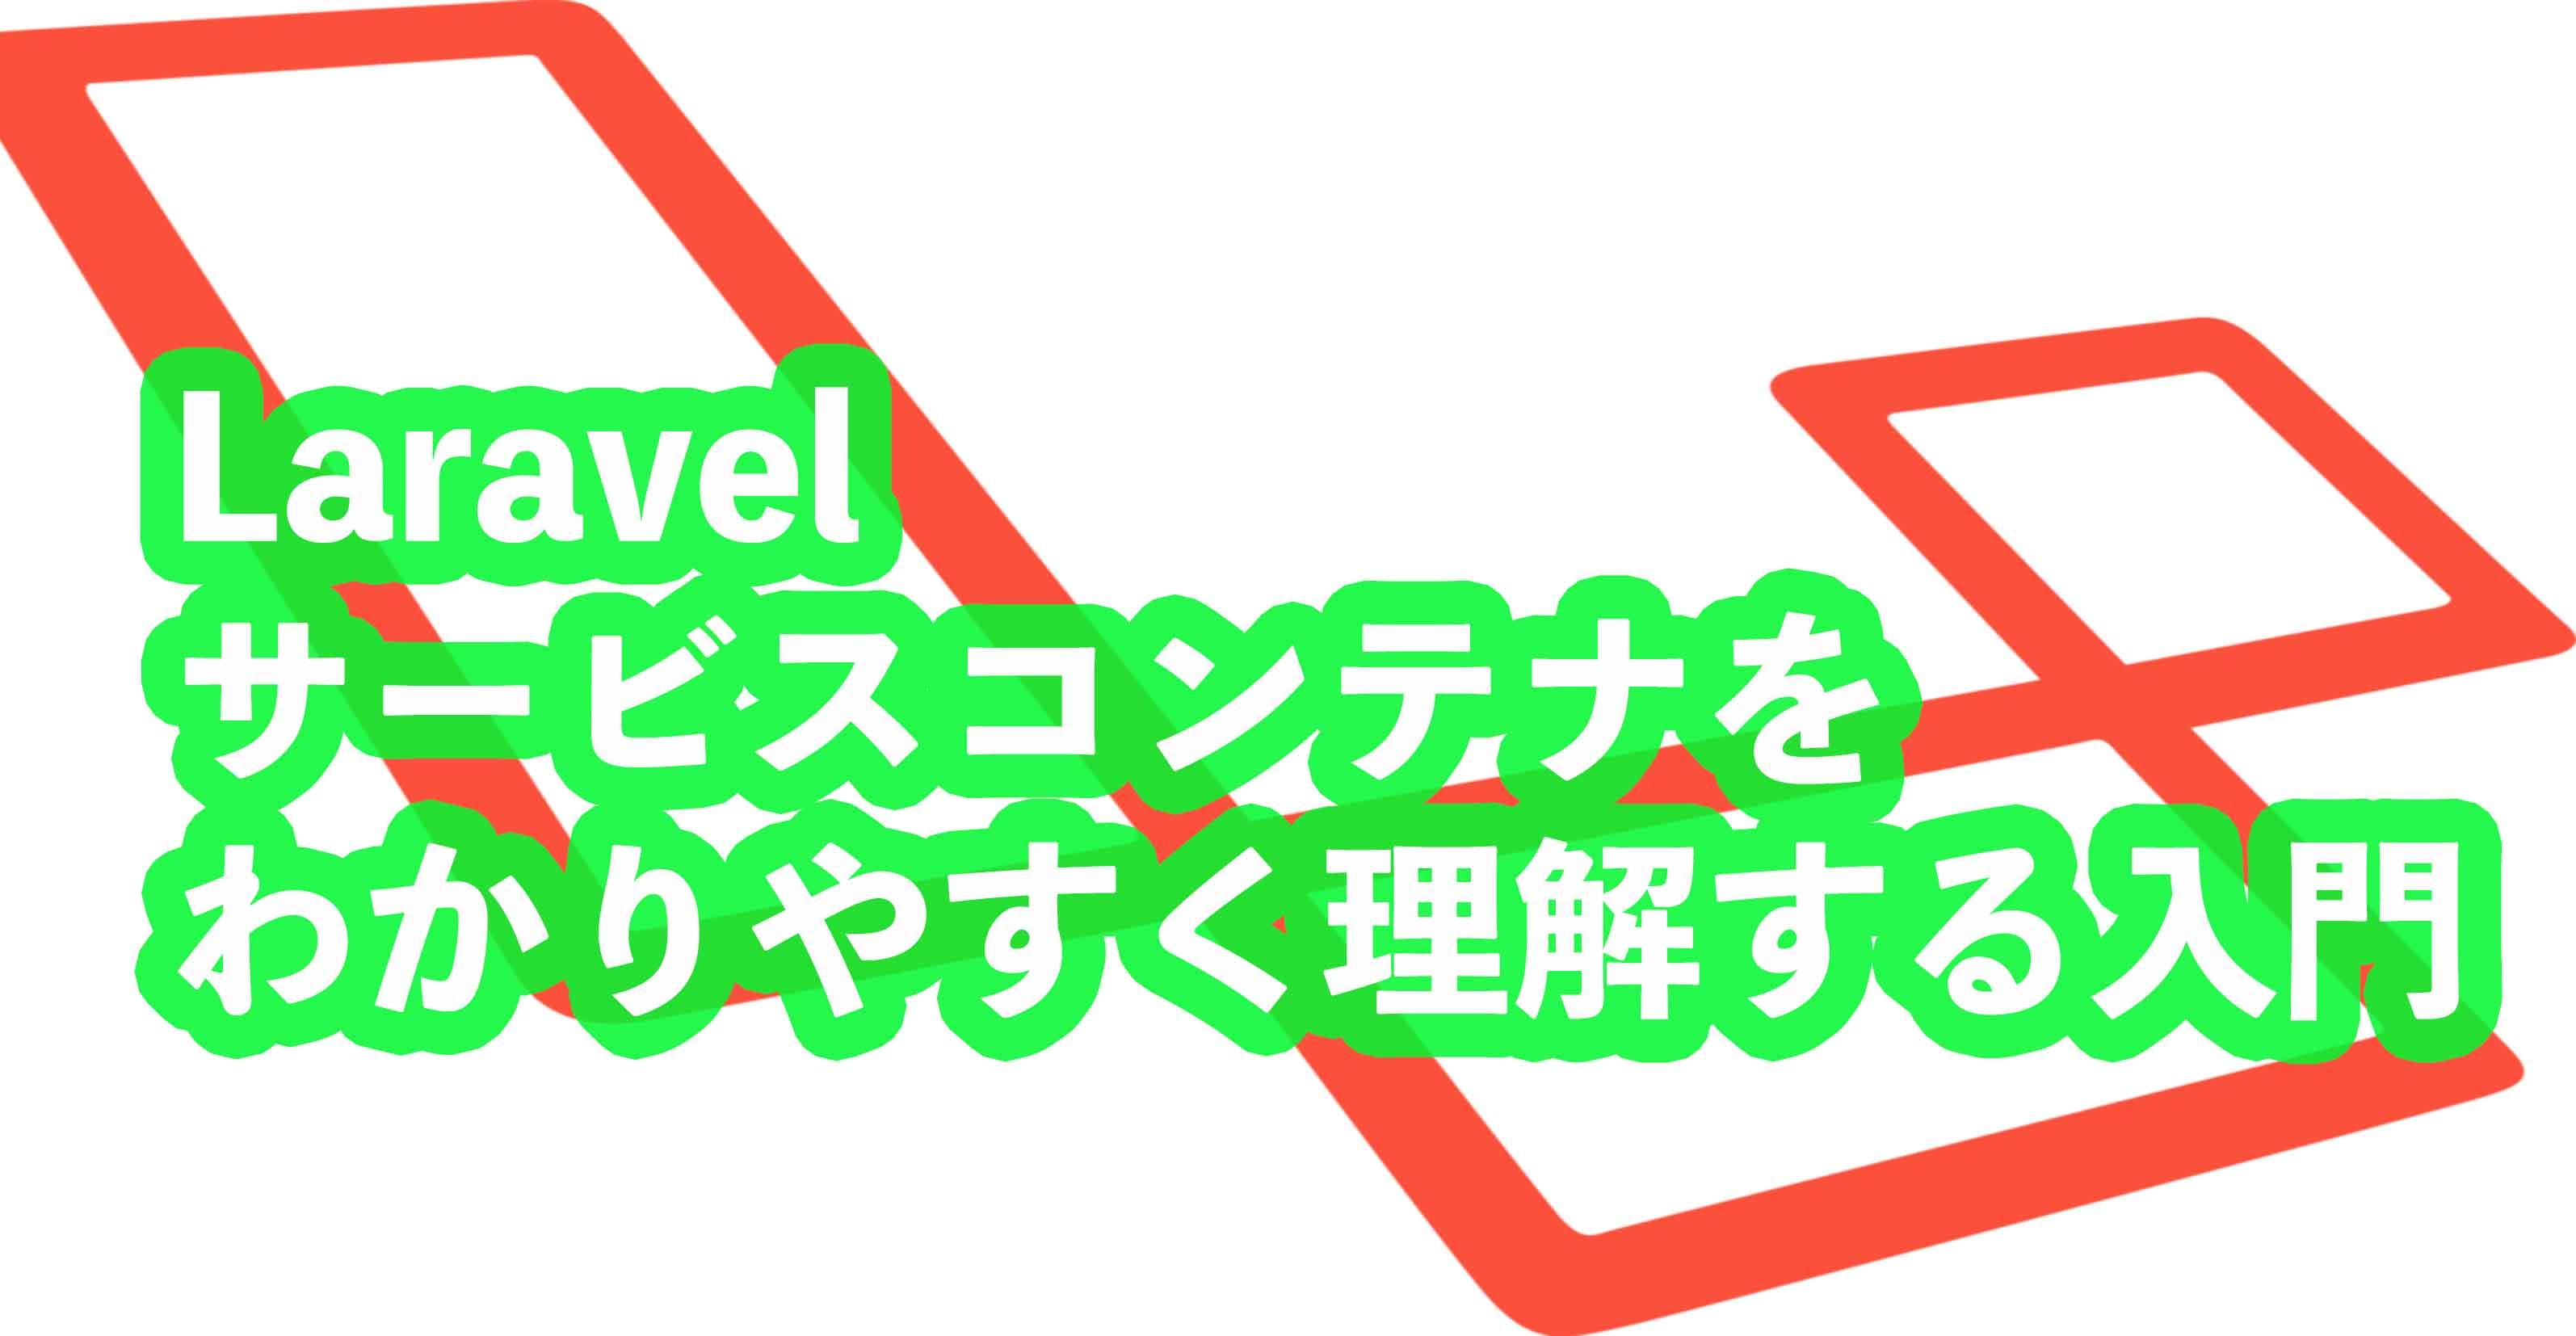 Laravel/サービスコンテナをわかりやすく理解する入門